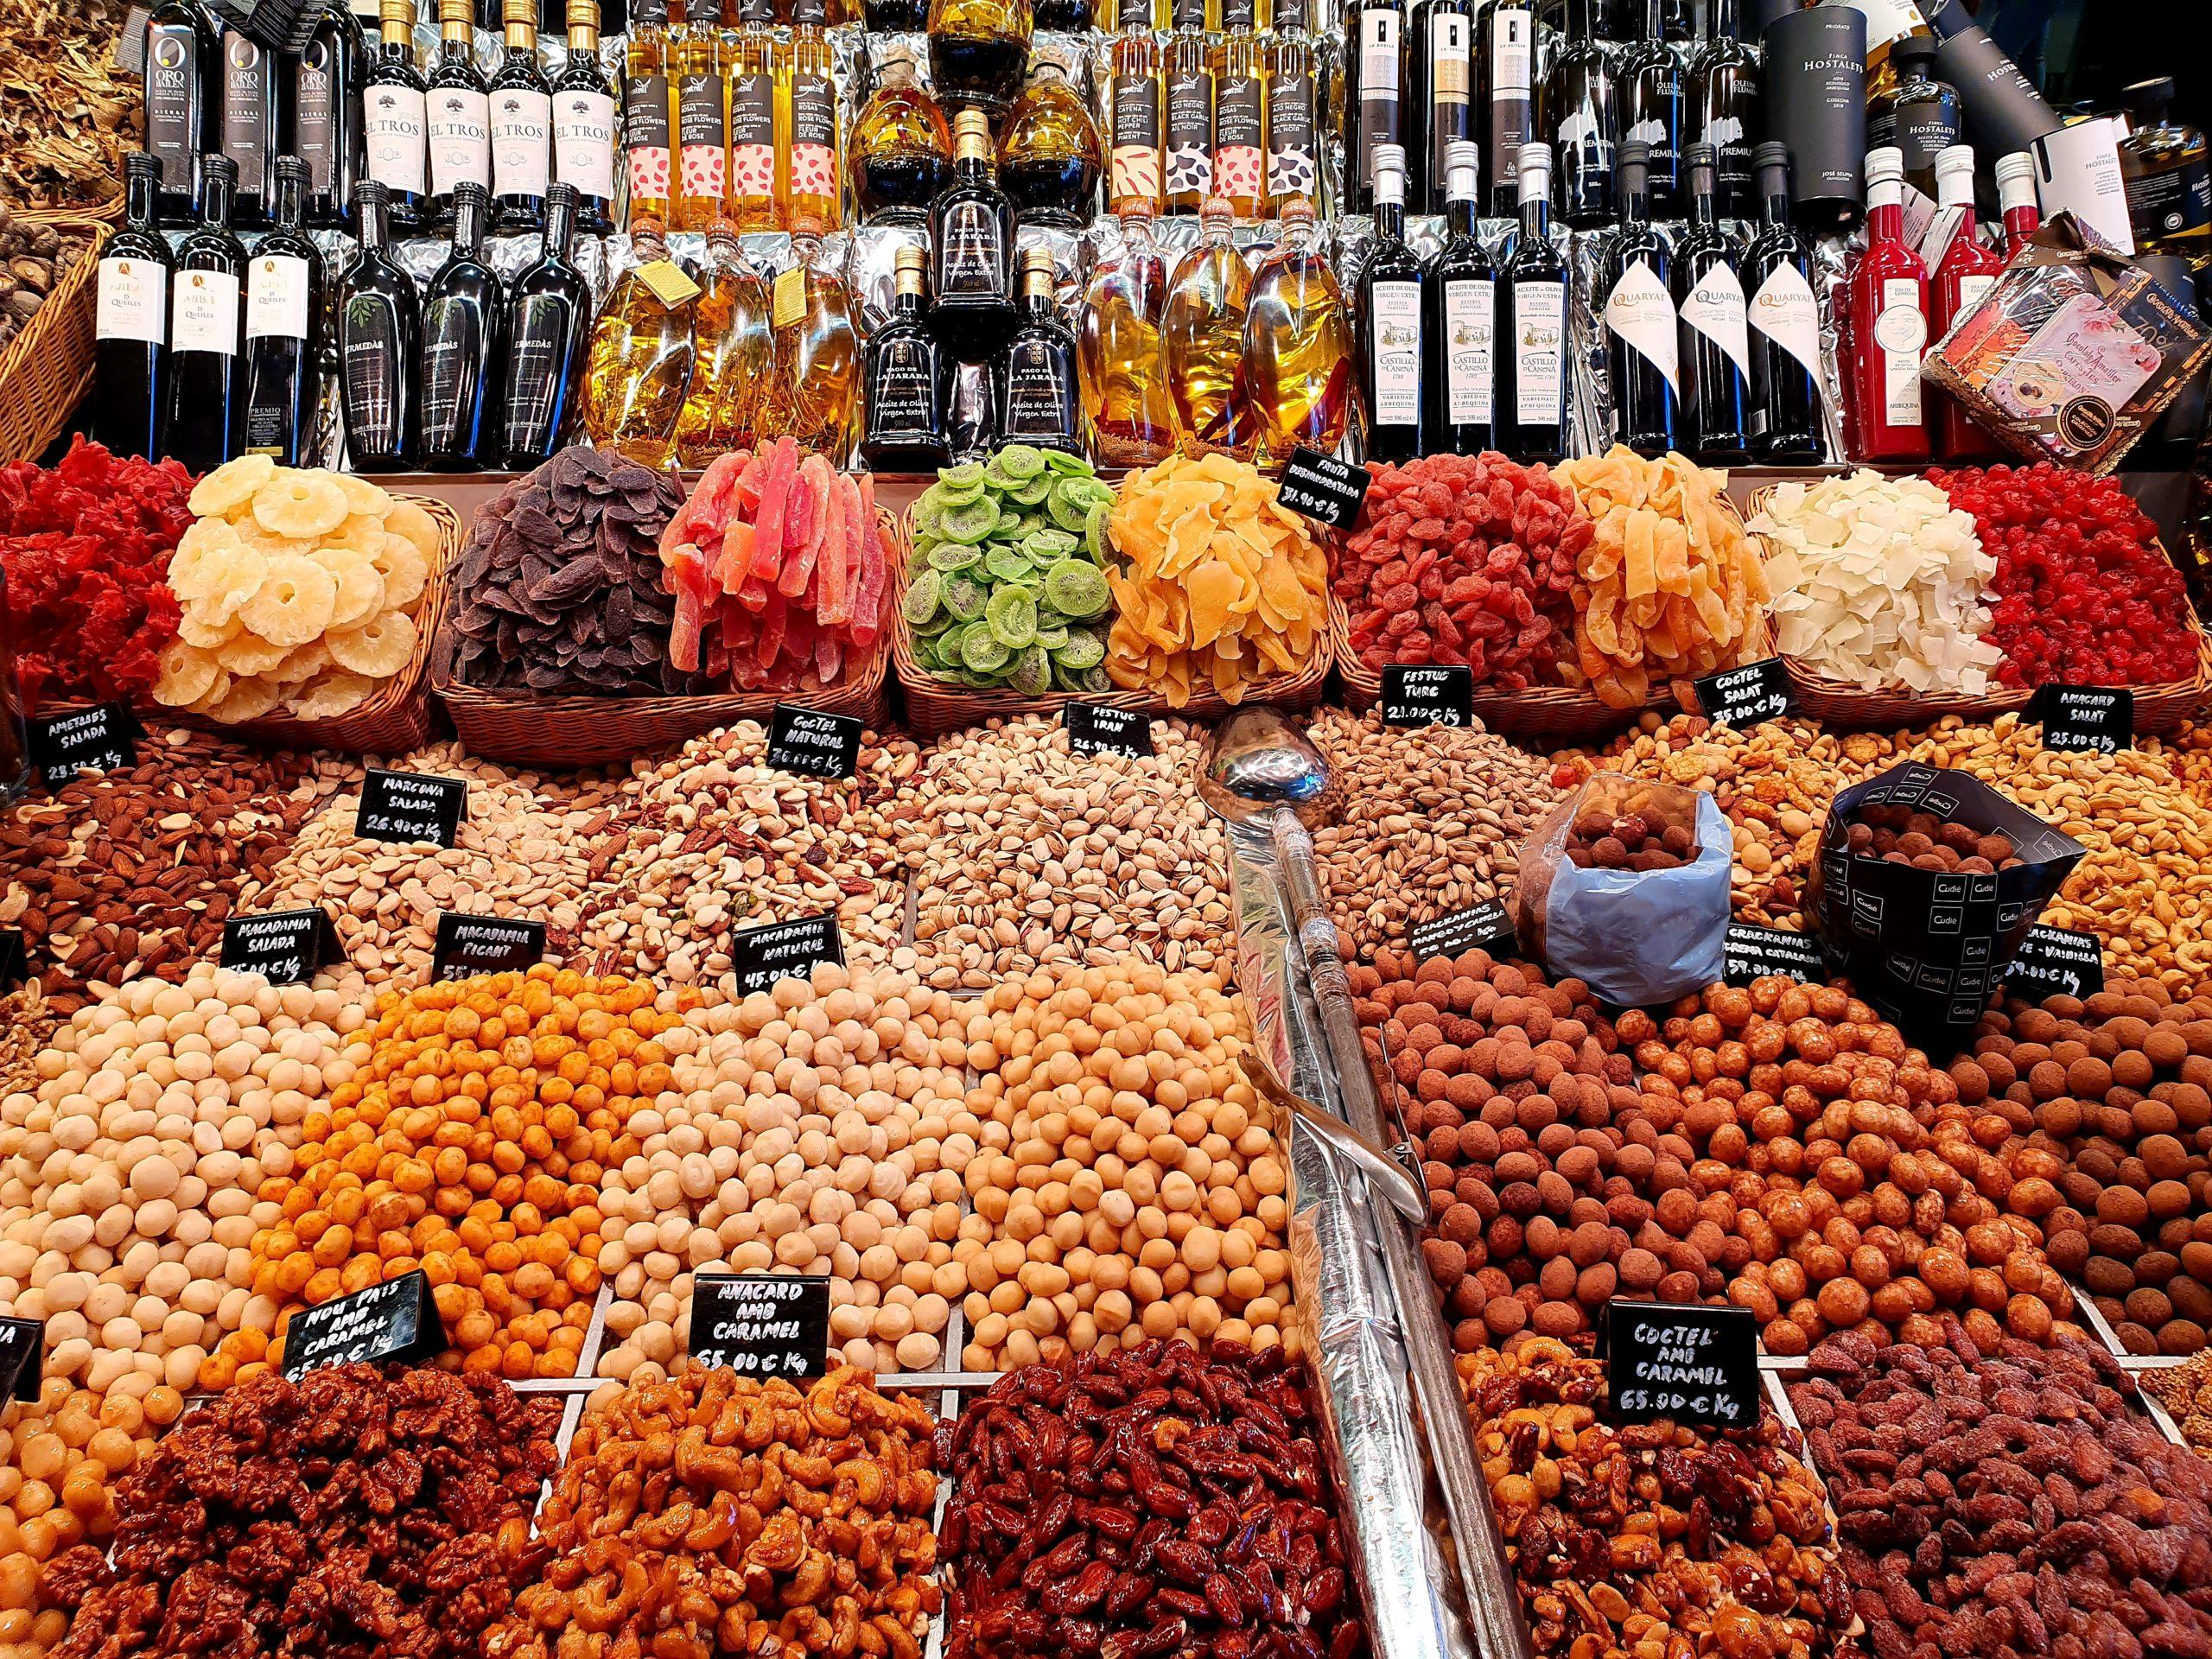 Mercat de la Boqueria weekend in Barcelona